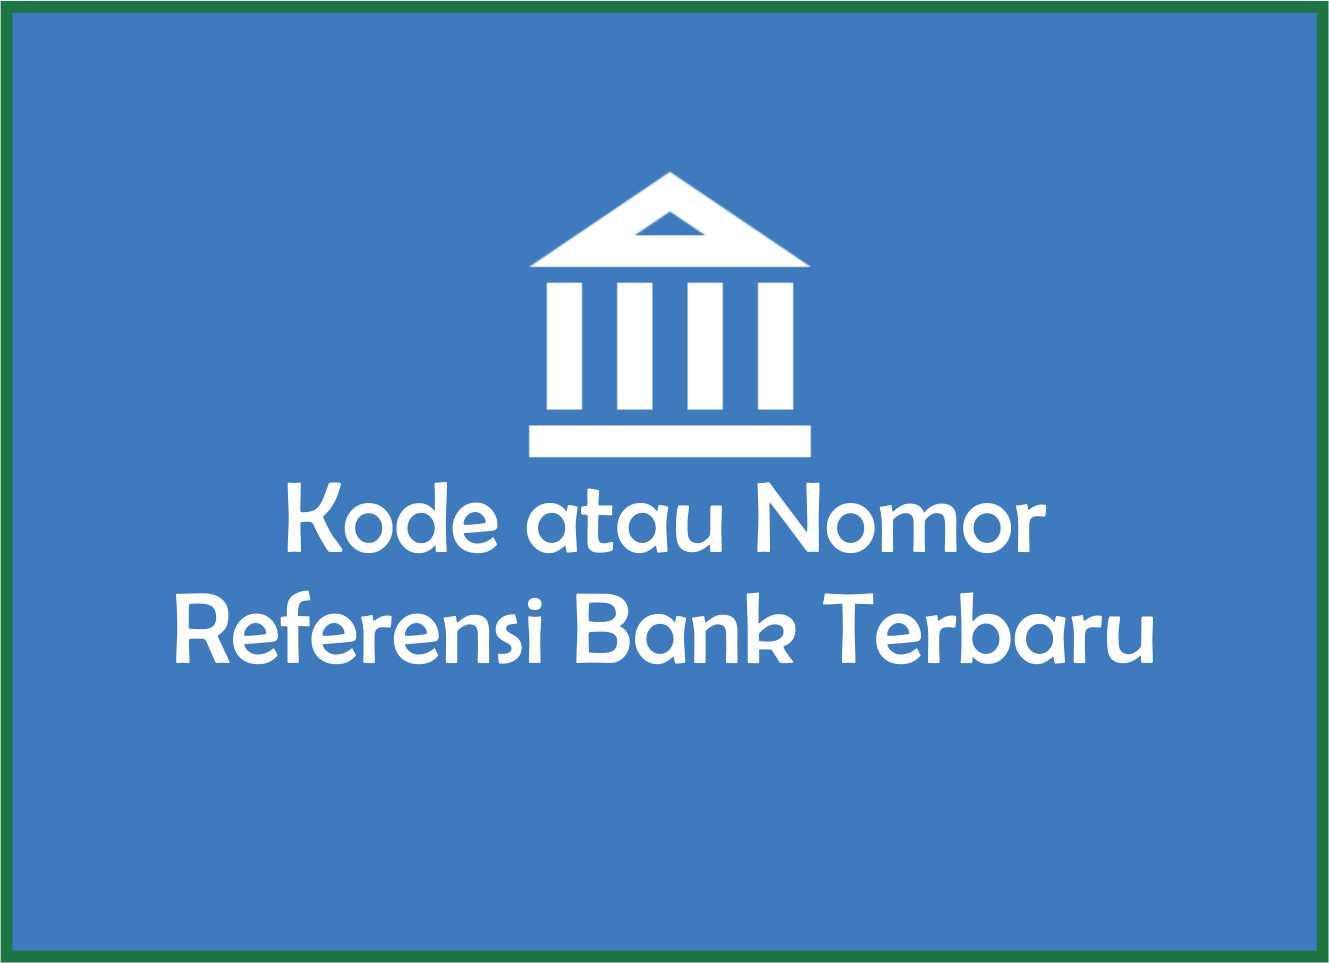 Kode Atau Nomor Referensi Bank Terbaru Laci Usang